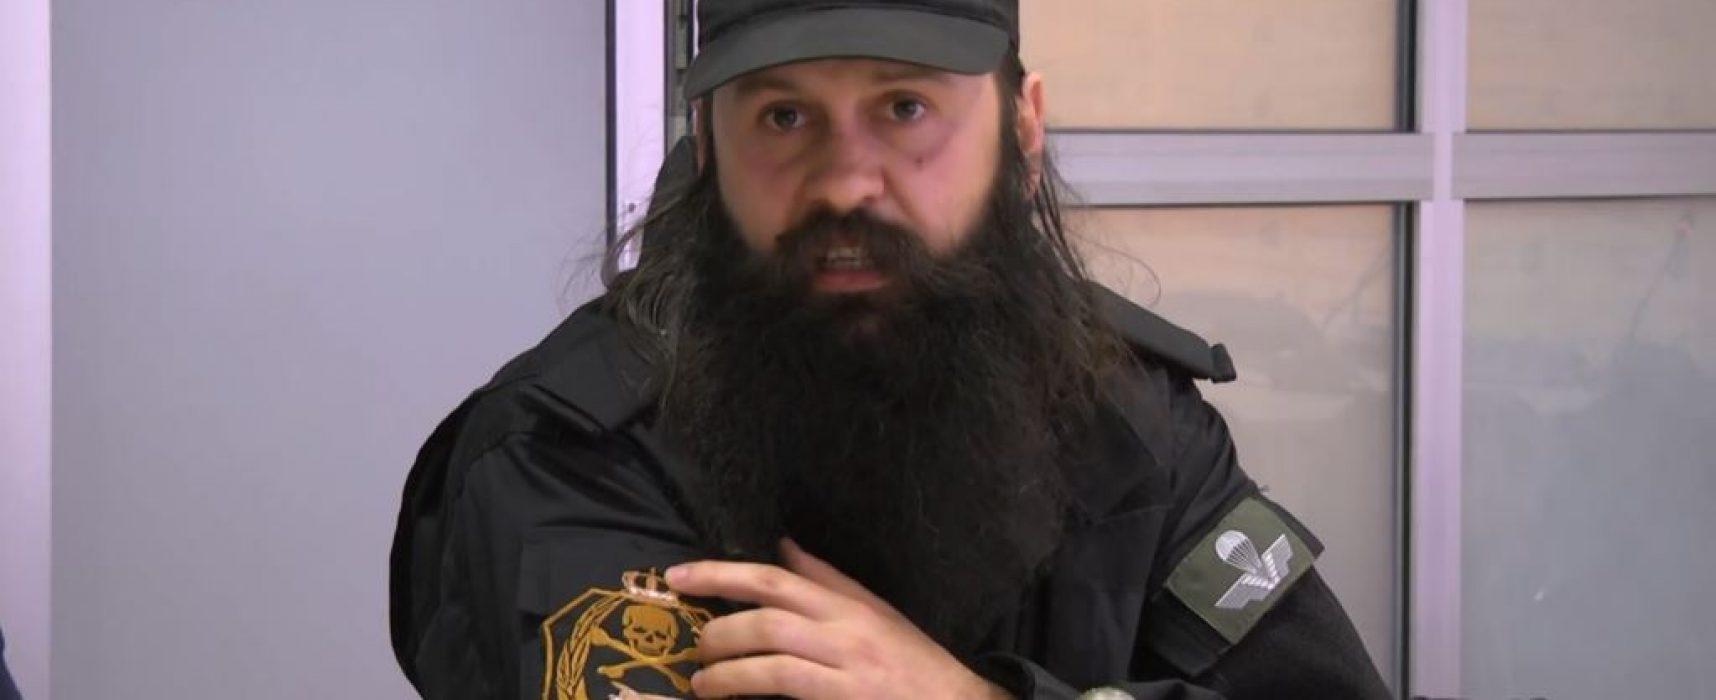 Съдът в Румъния взе решение за депортирането на проруски националист от Сърбия, воювал в Донбас